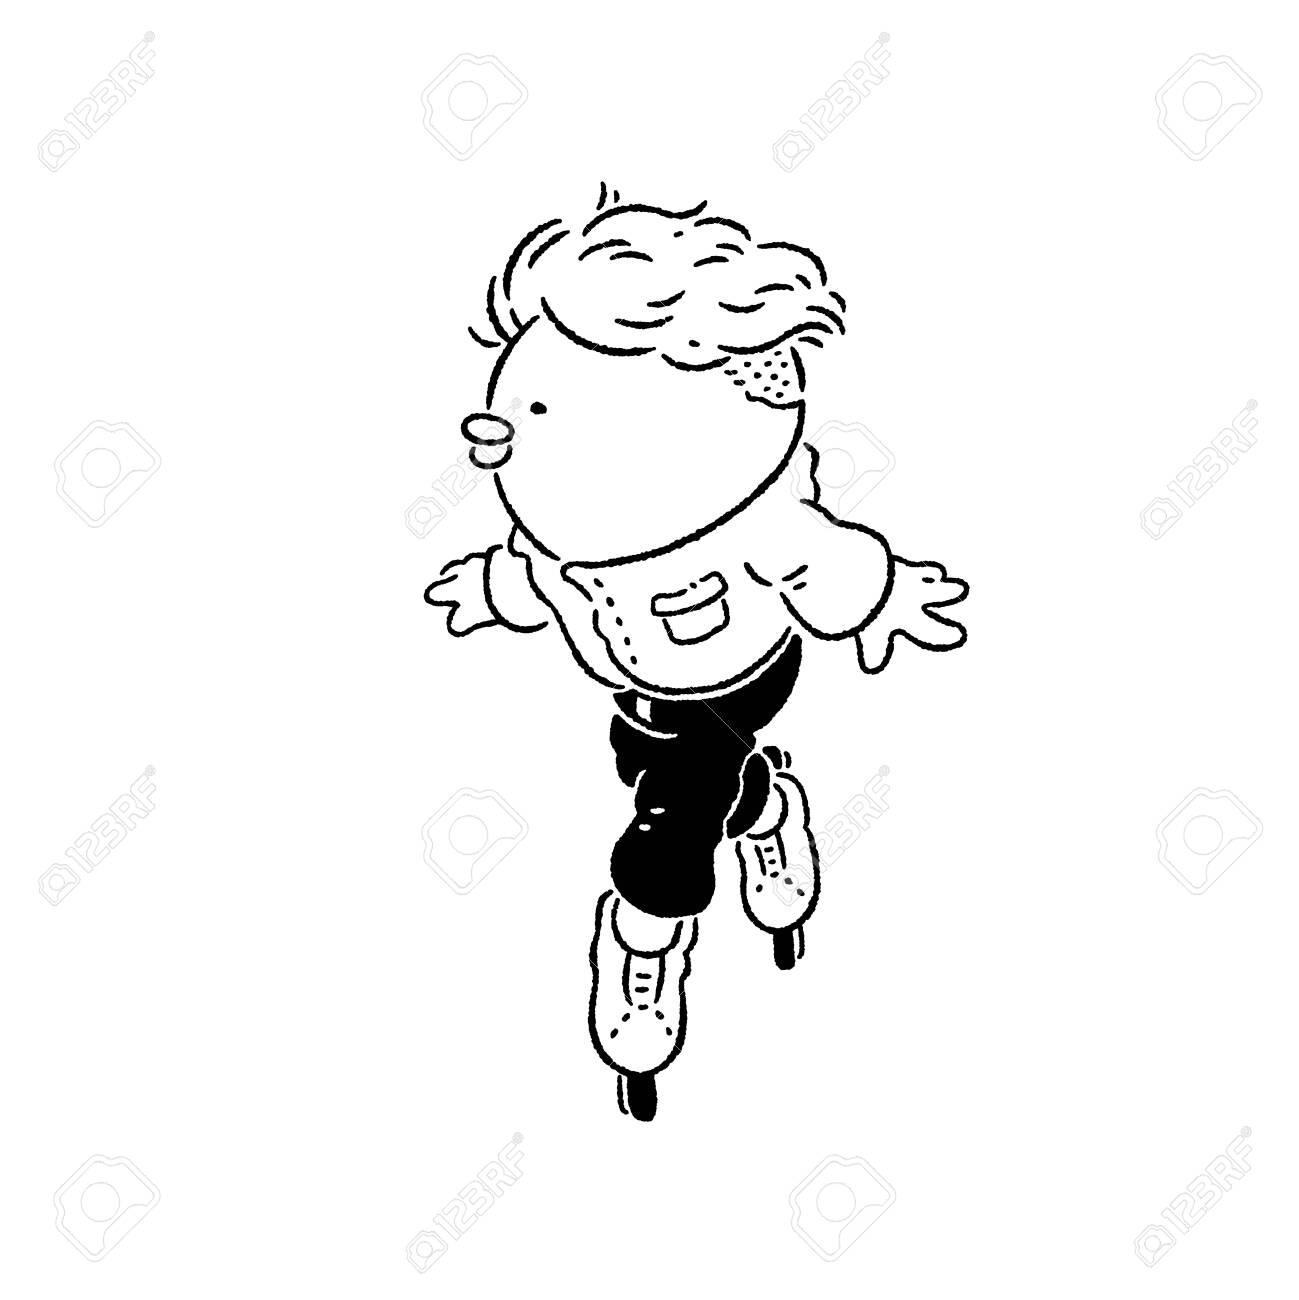 Boy ice skating - 128854662